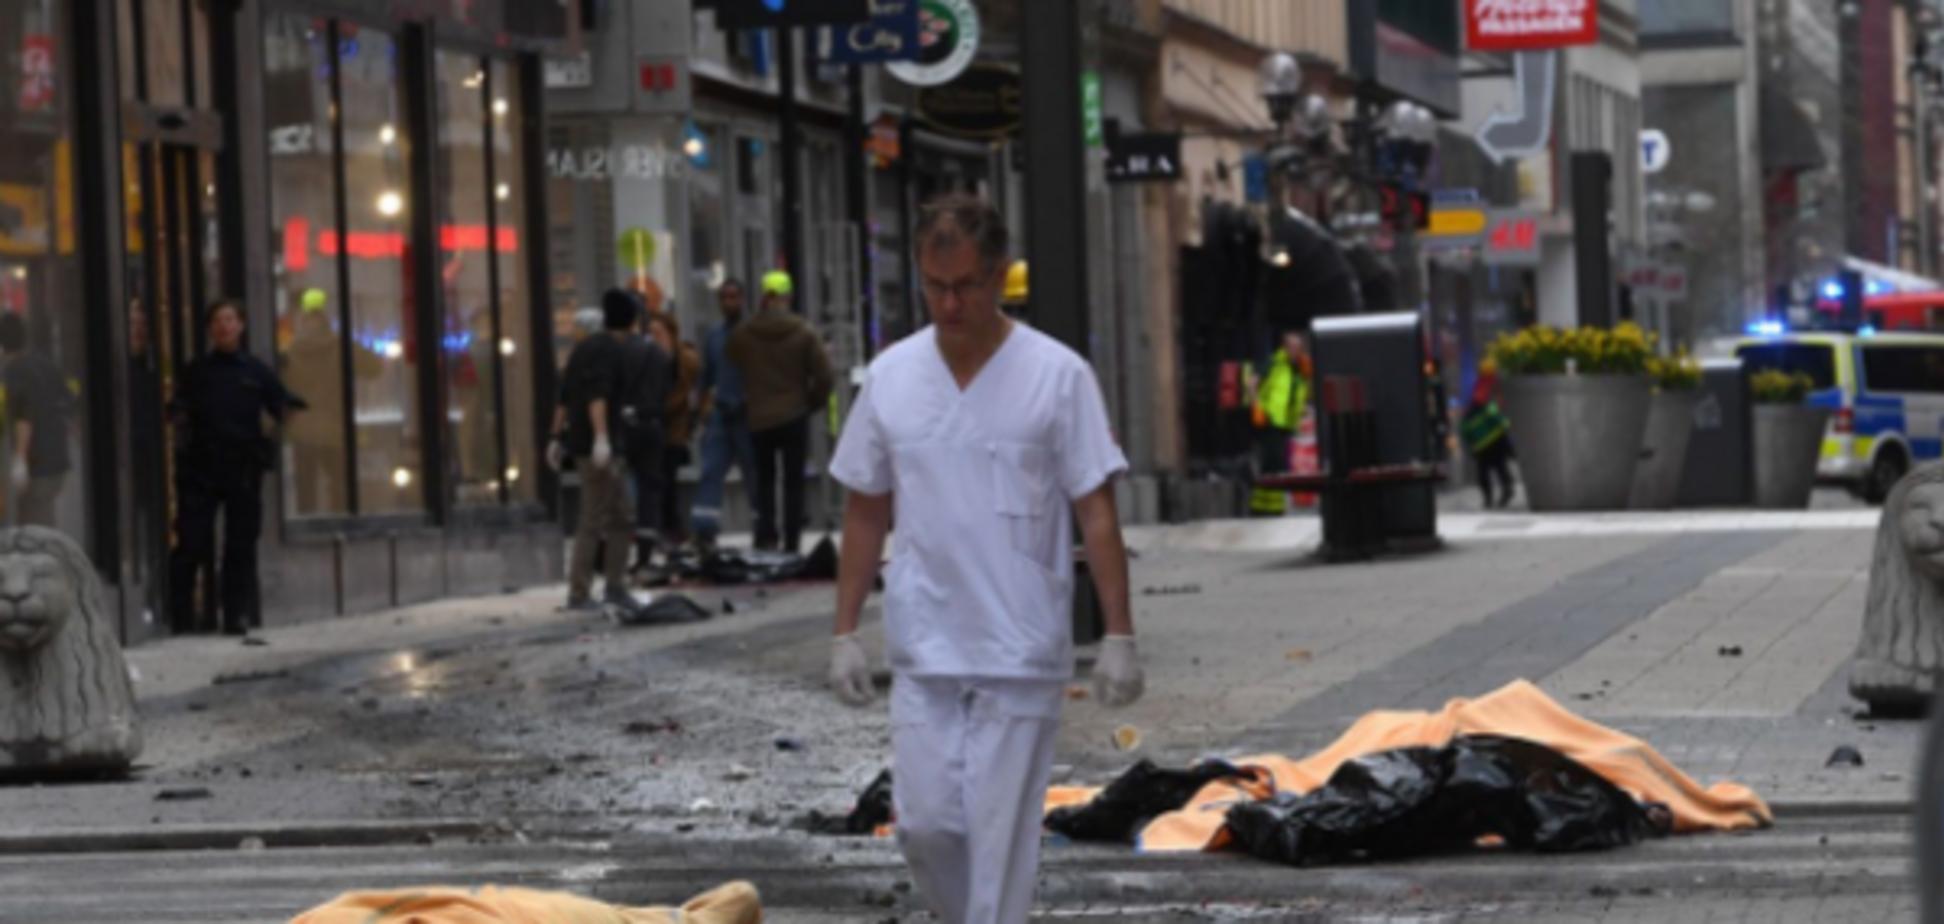 Теракт в Стокгольме